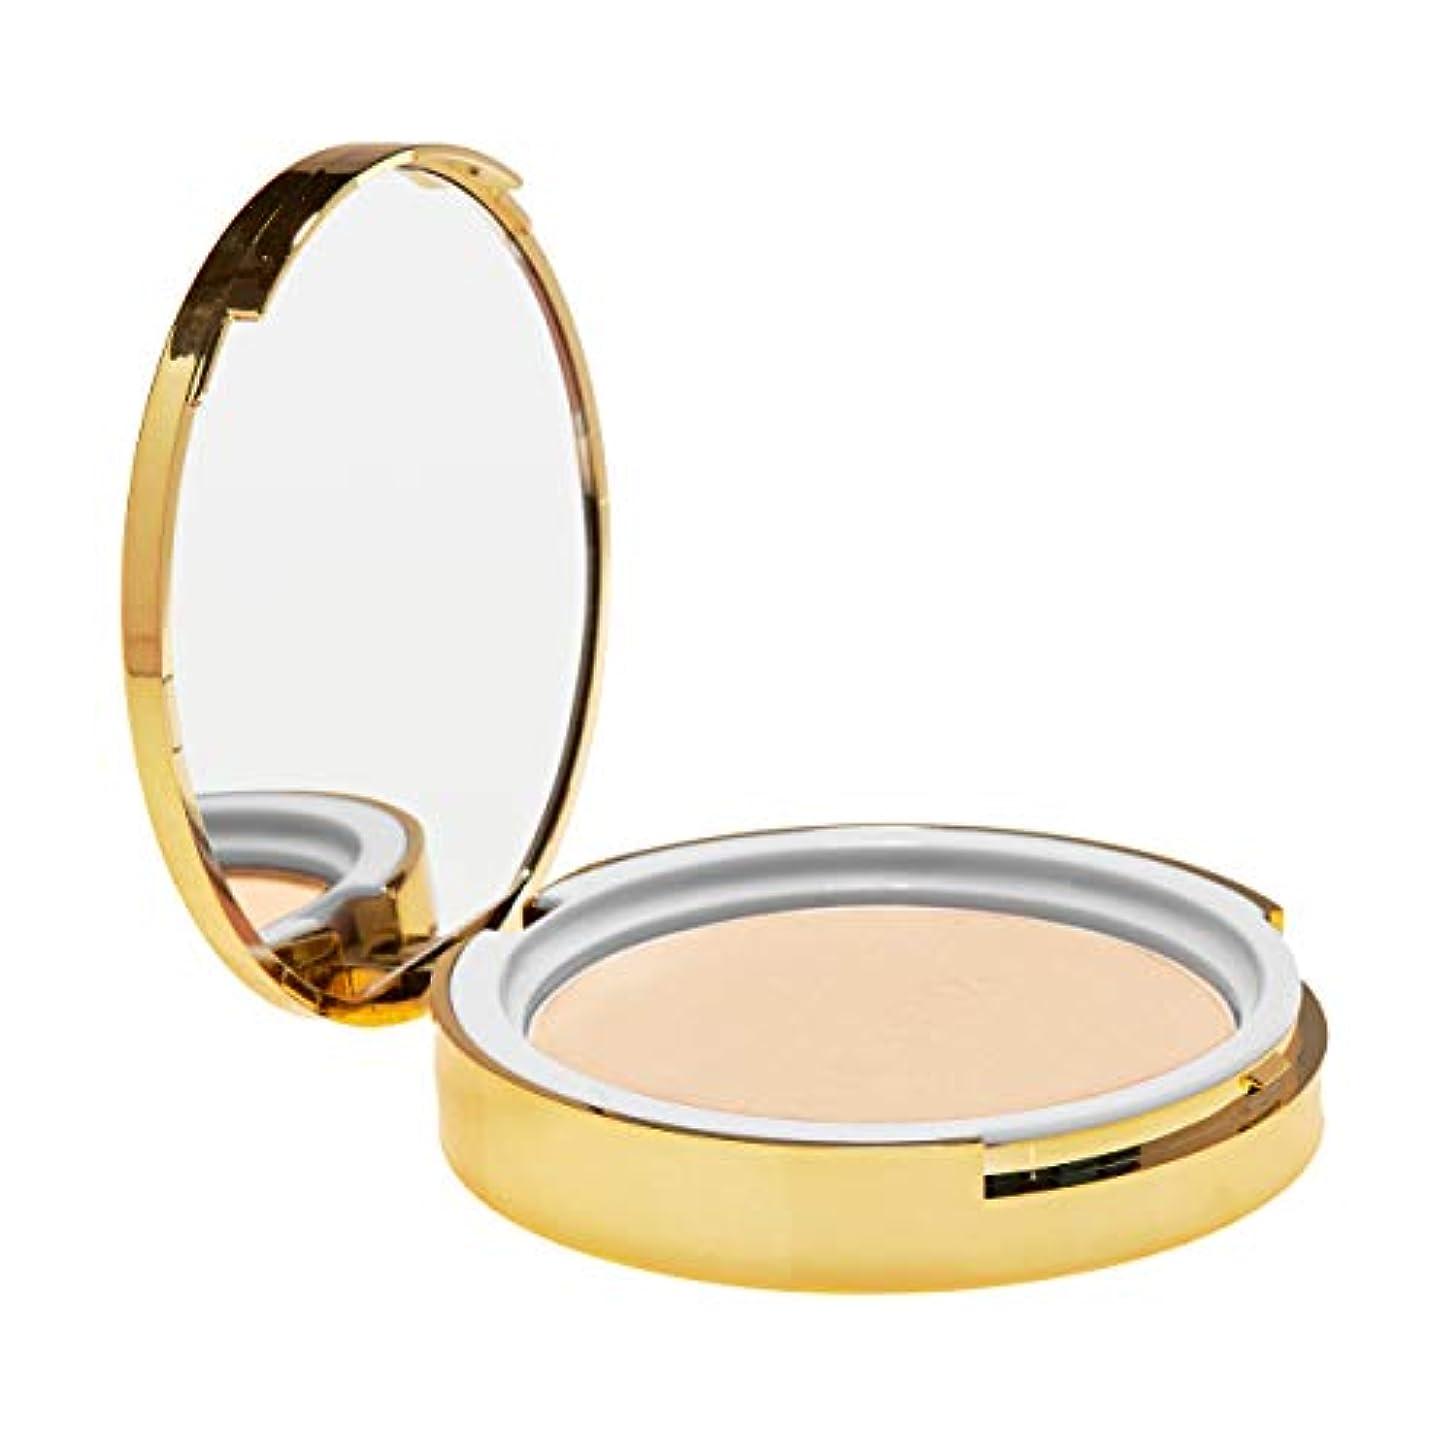 ネックレット落ち着いて掘るWinky Lux Diamond Powders Foundation - # Light 8g/0.28oz並行輸入品